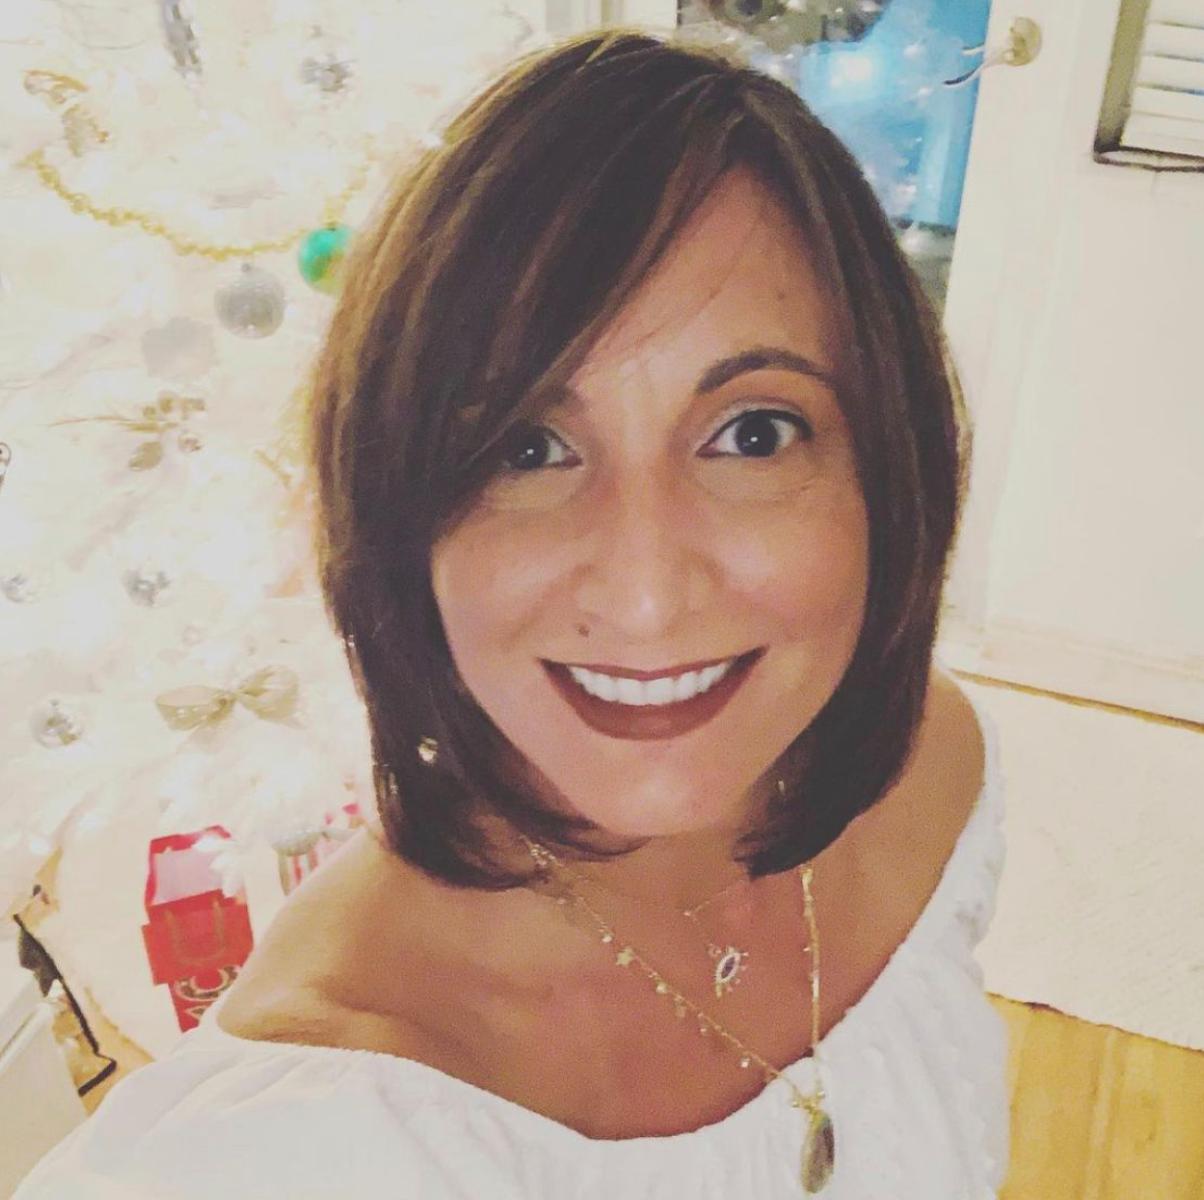 Michelle Velez